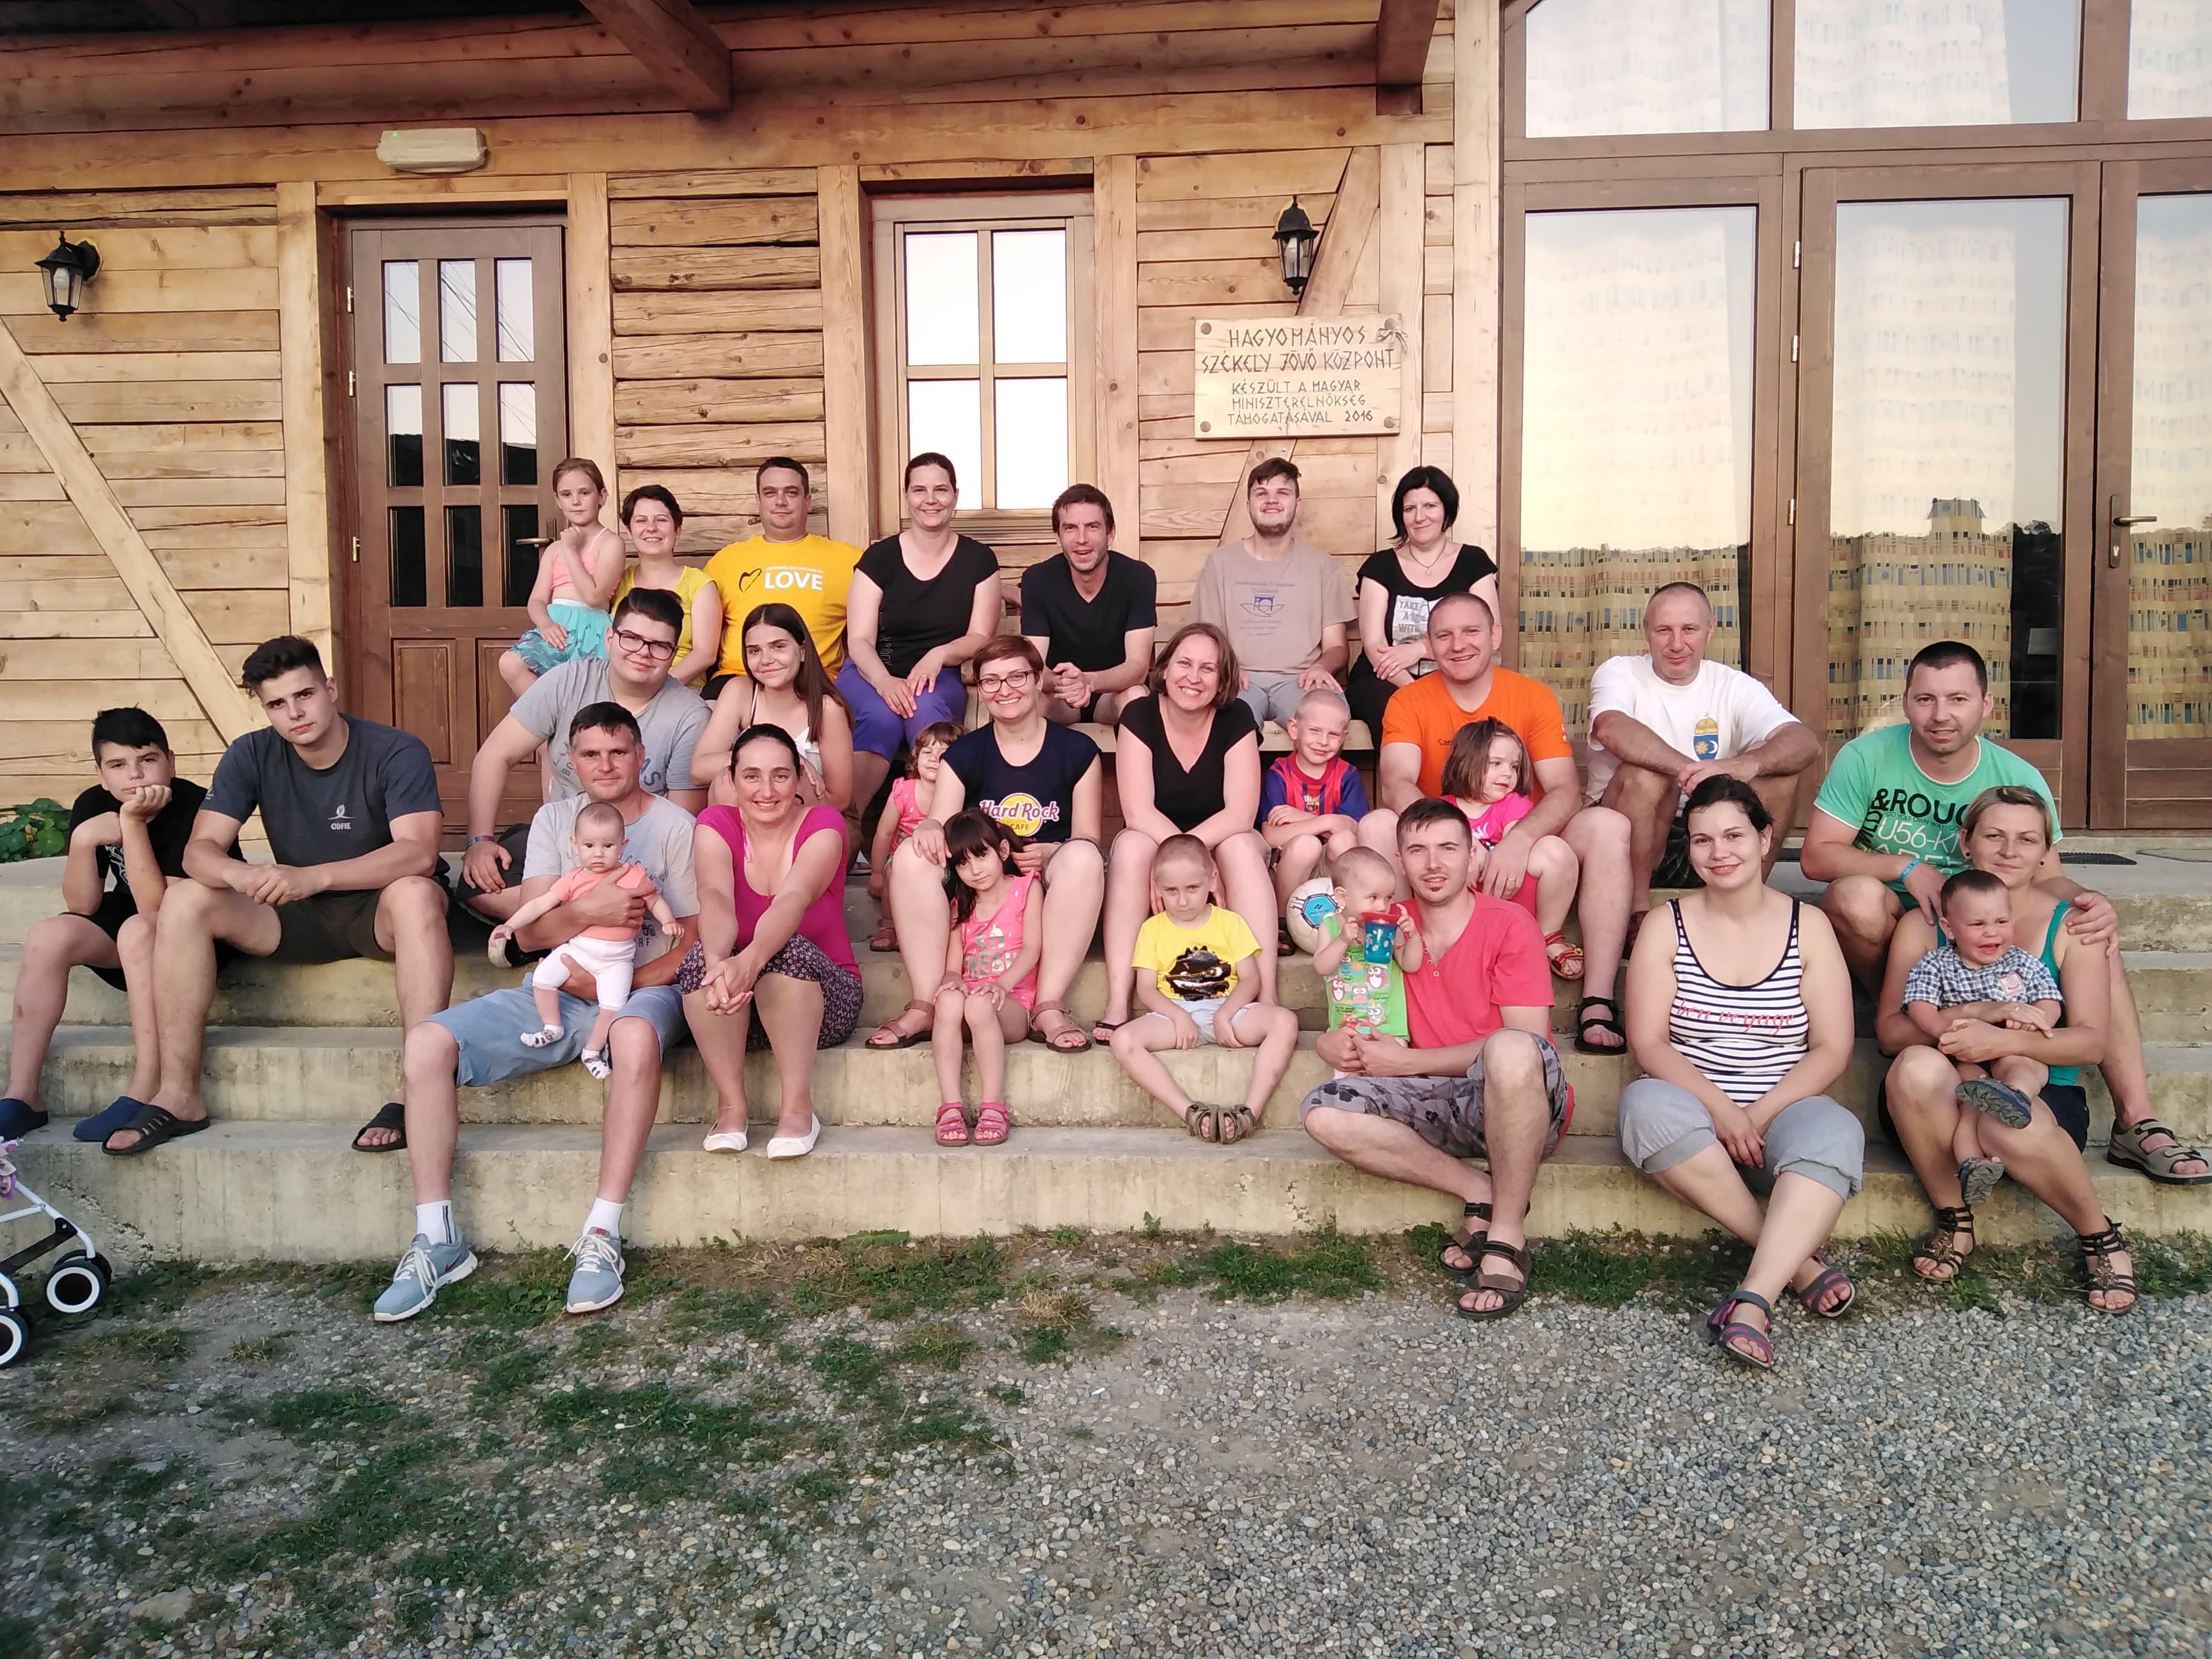 Élménybeszámoló az idei családos táborról